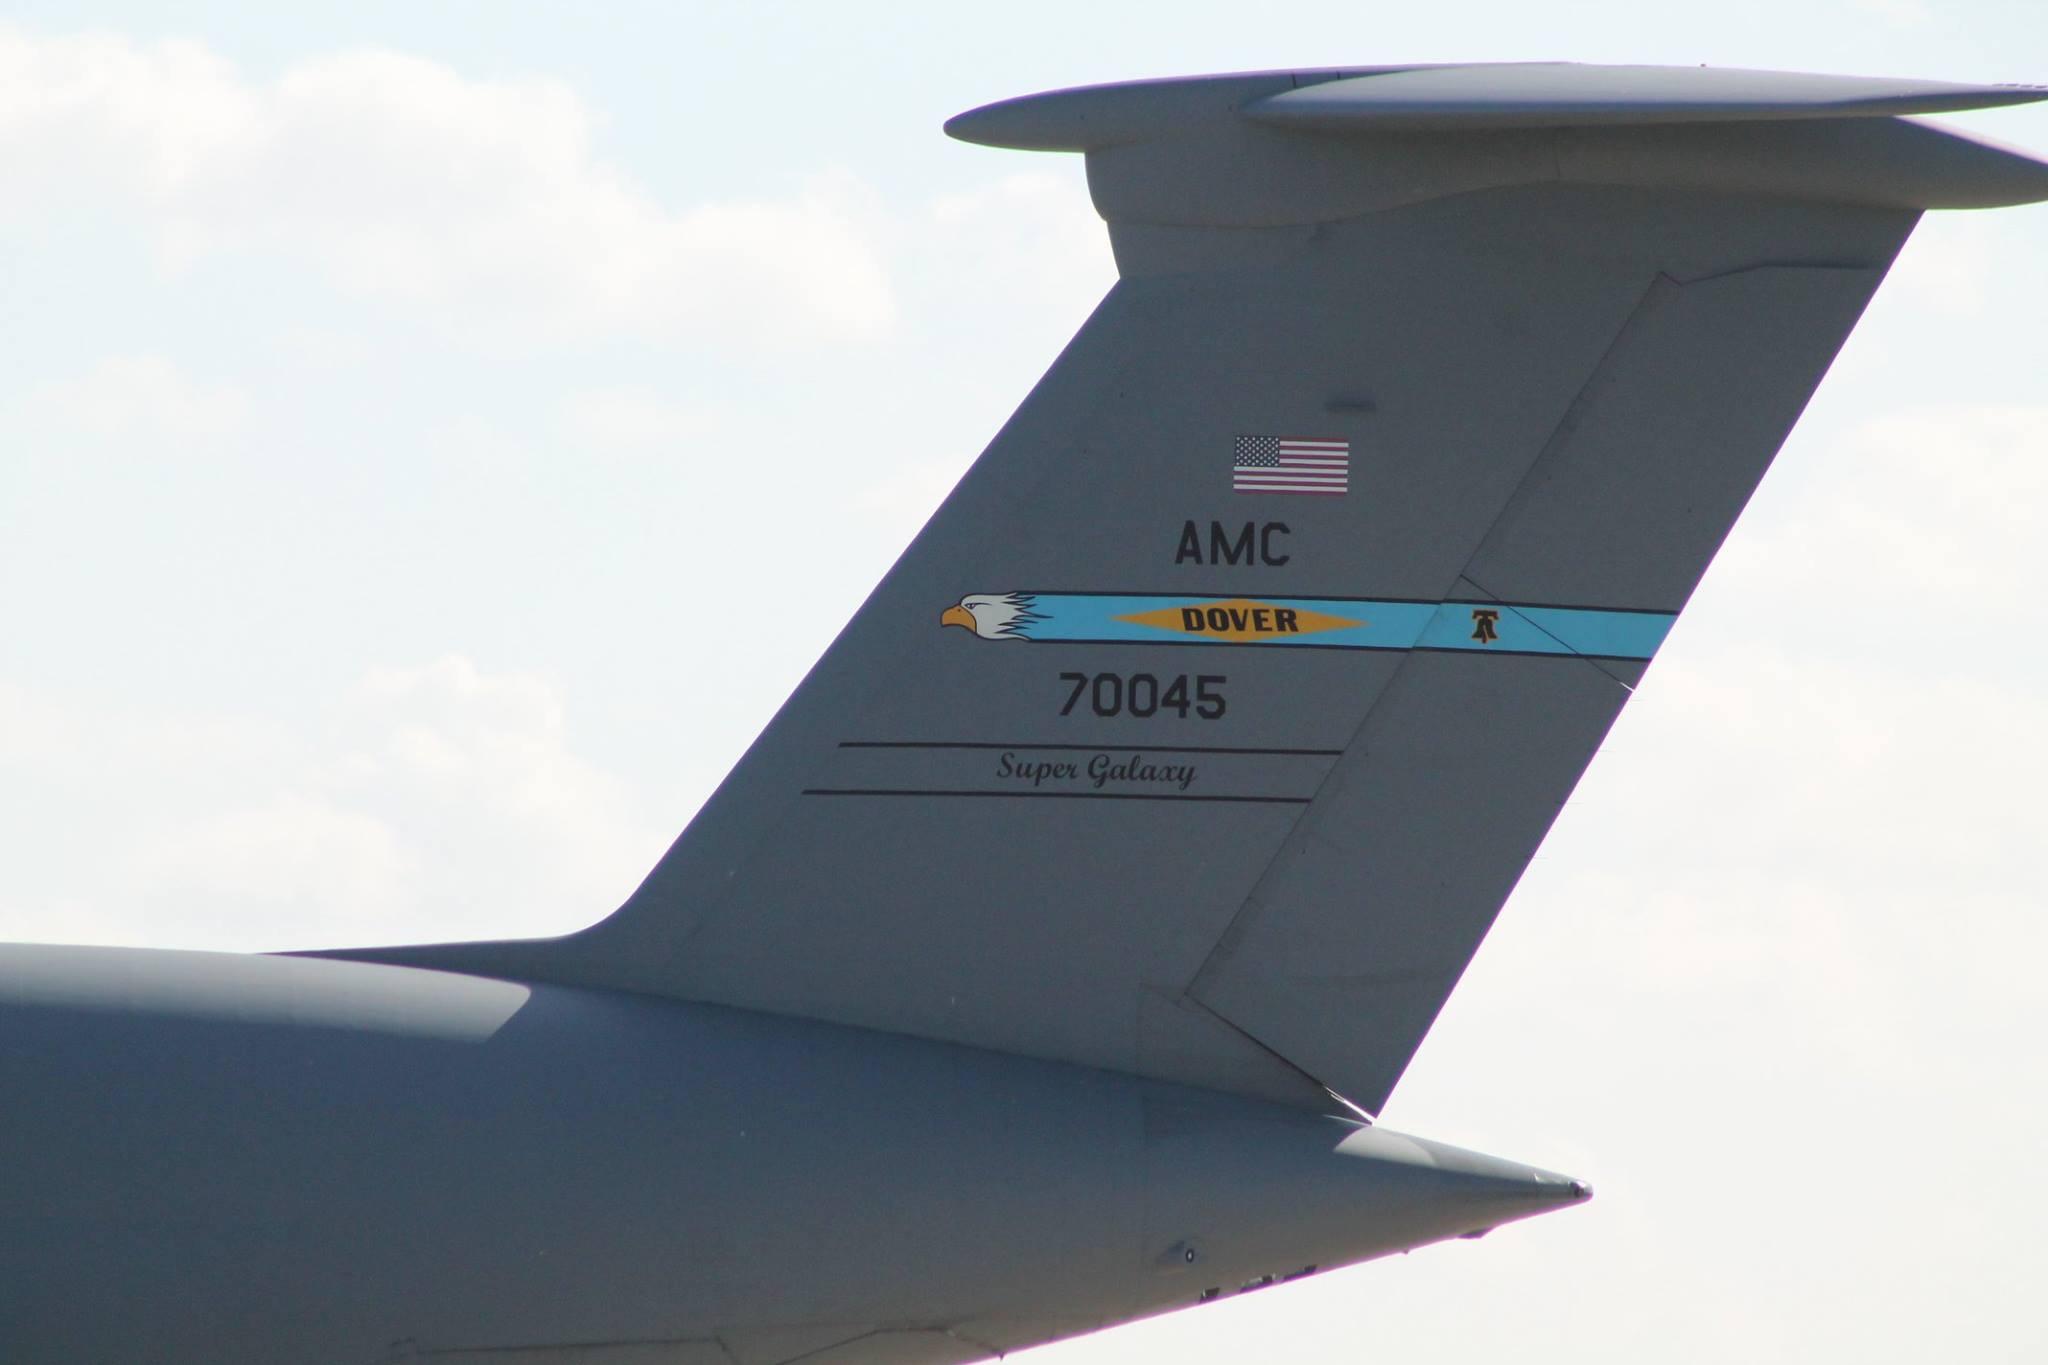 8DA698BD-E43B-4315-98B7-6FFEE1E556D5.jpeg